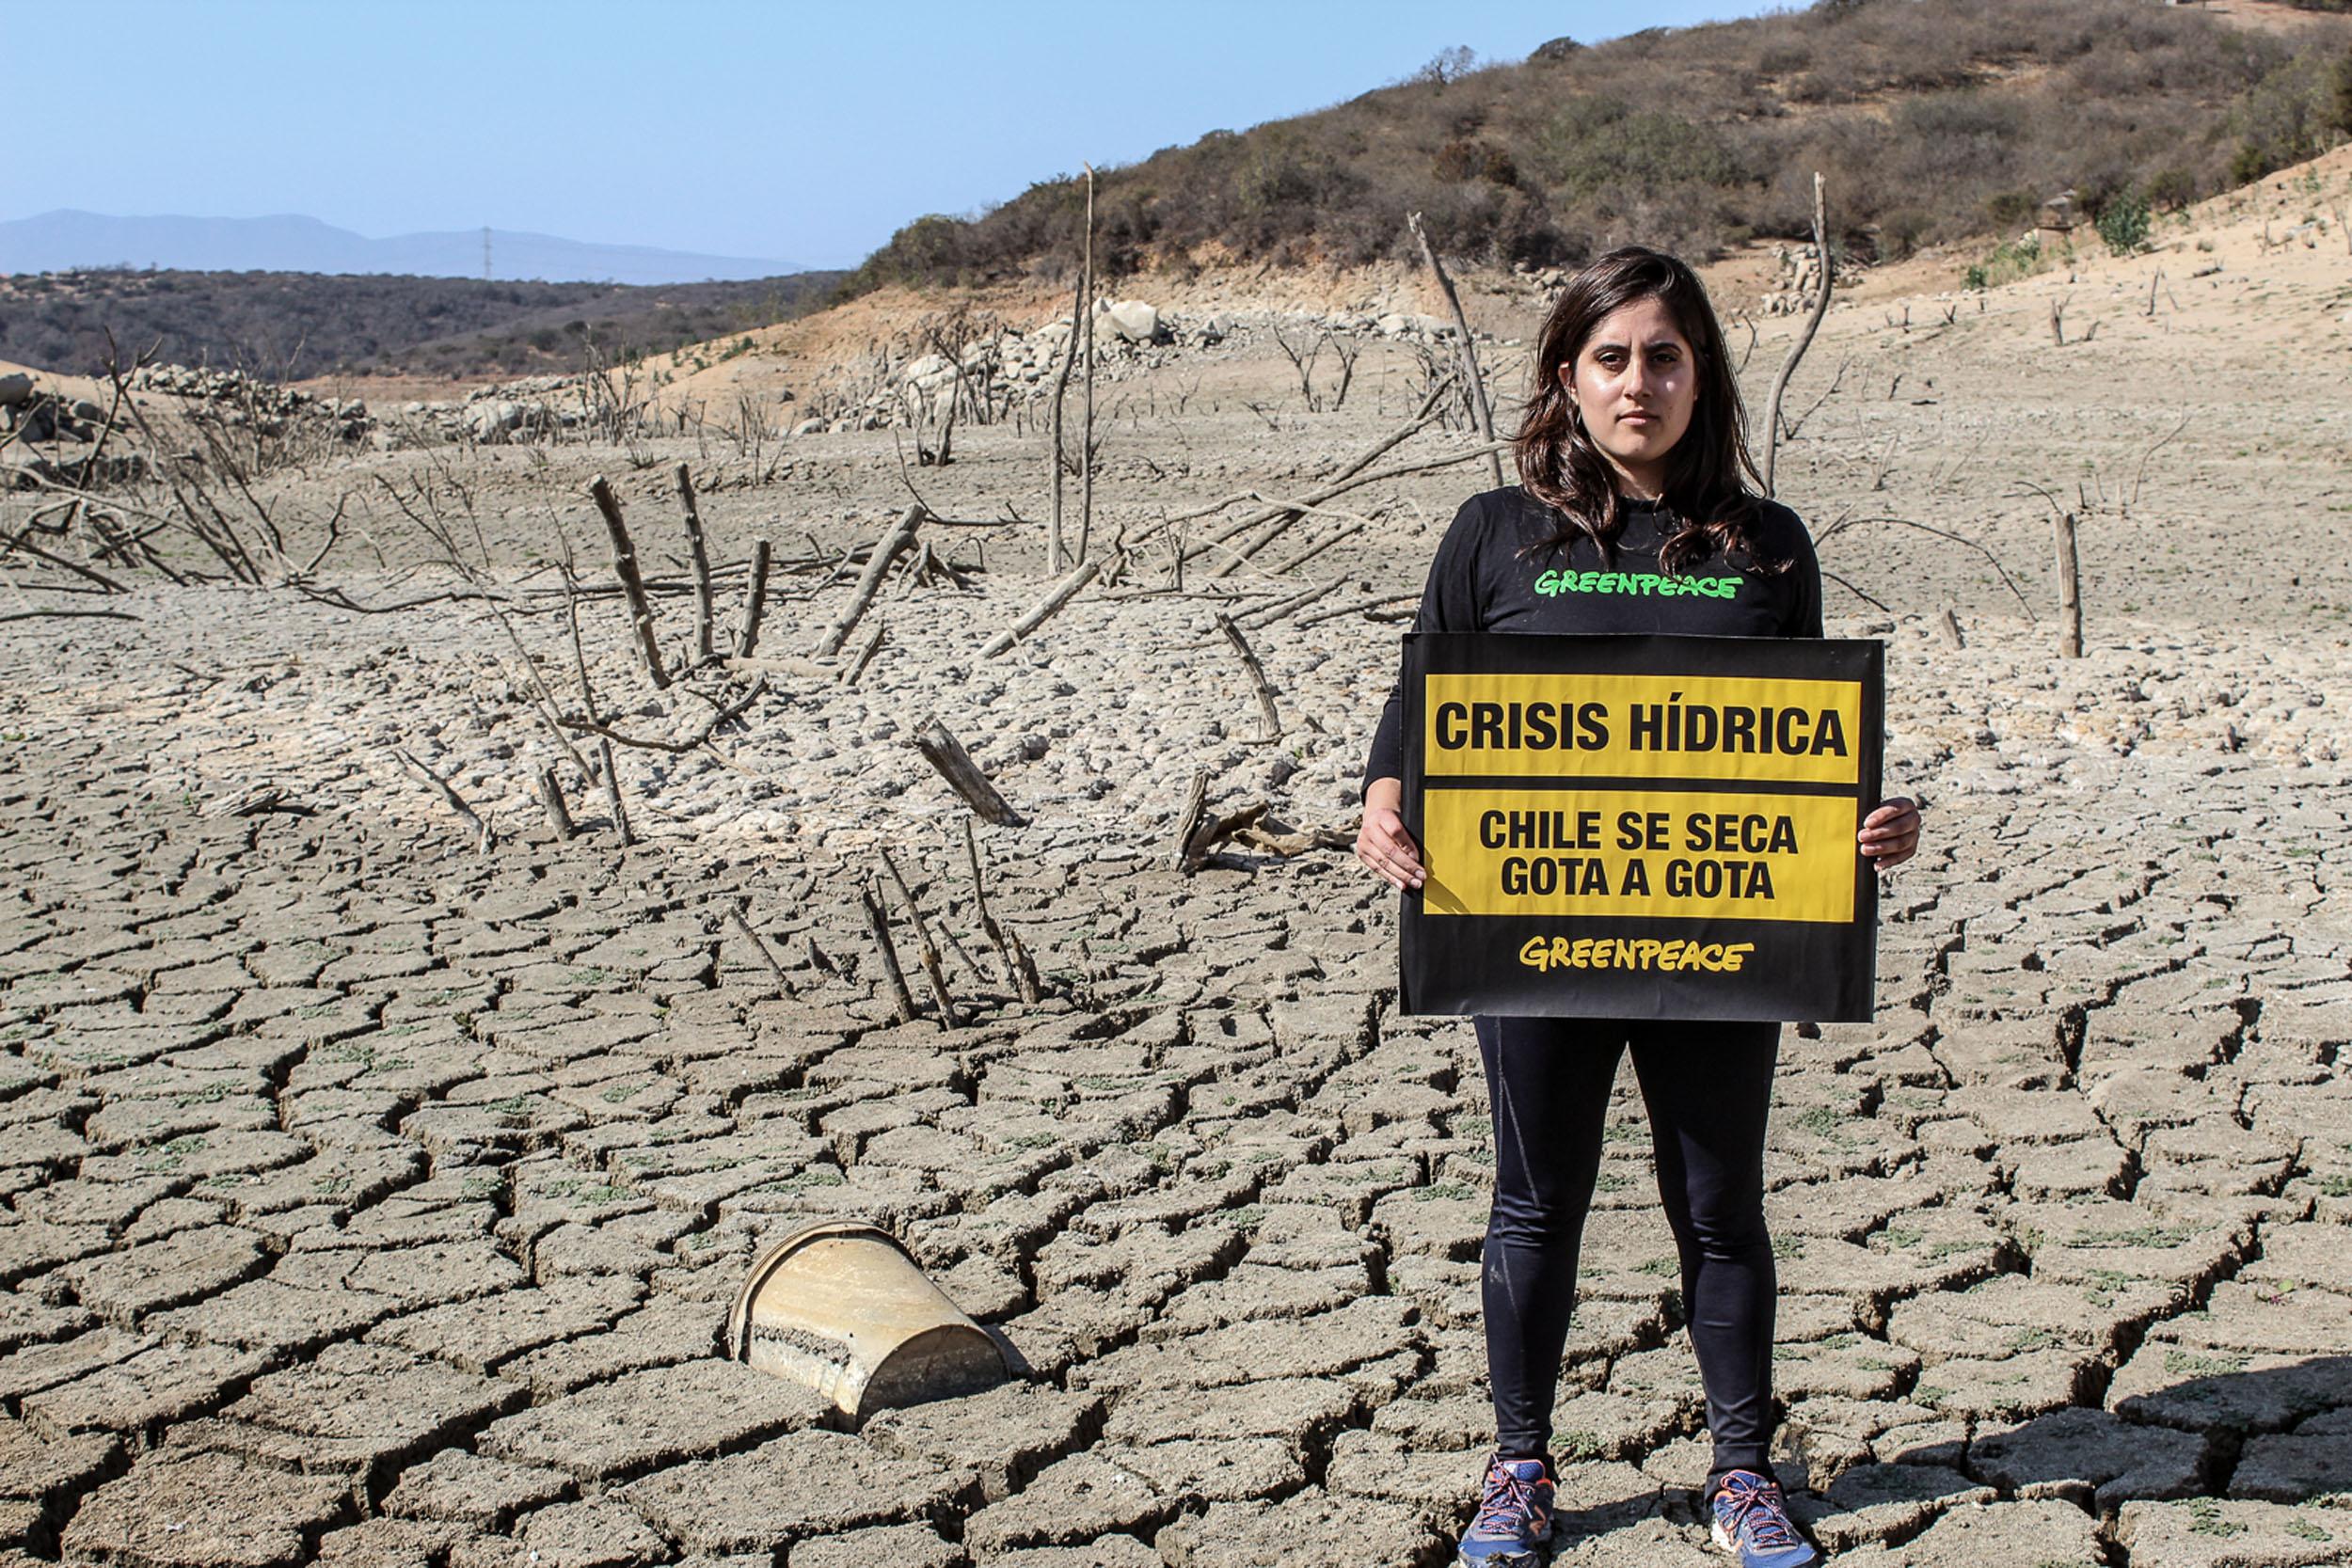 Embalse Los Aromos, hoy a menos del 6% de su capacidad, va rumbo a su sequía definitiva. La situación de la gran reserva de agua potable para el Gran Valparaíso ahora ha obligado a la empresa sanitaria a la búsqueda subterránea de reservas para la demanda de 500.000 clientes